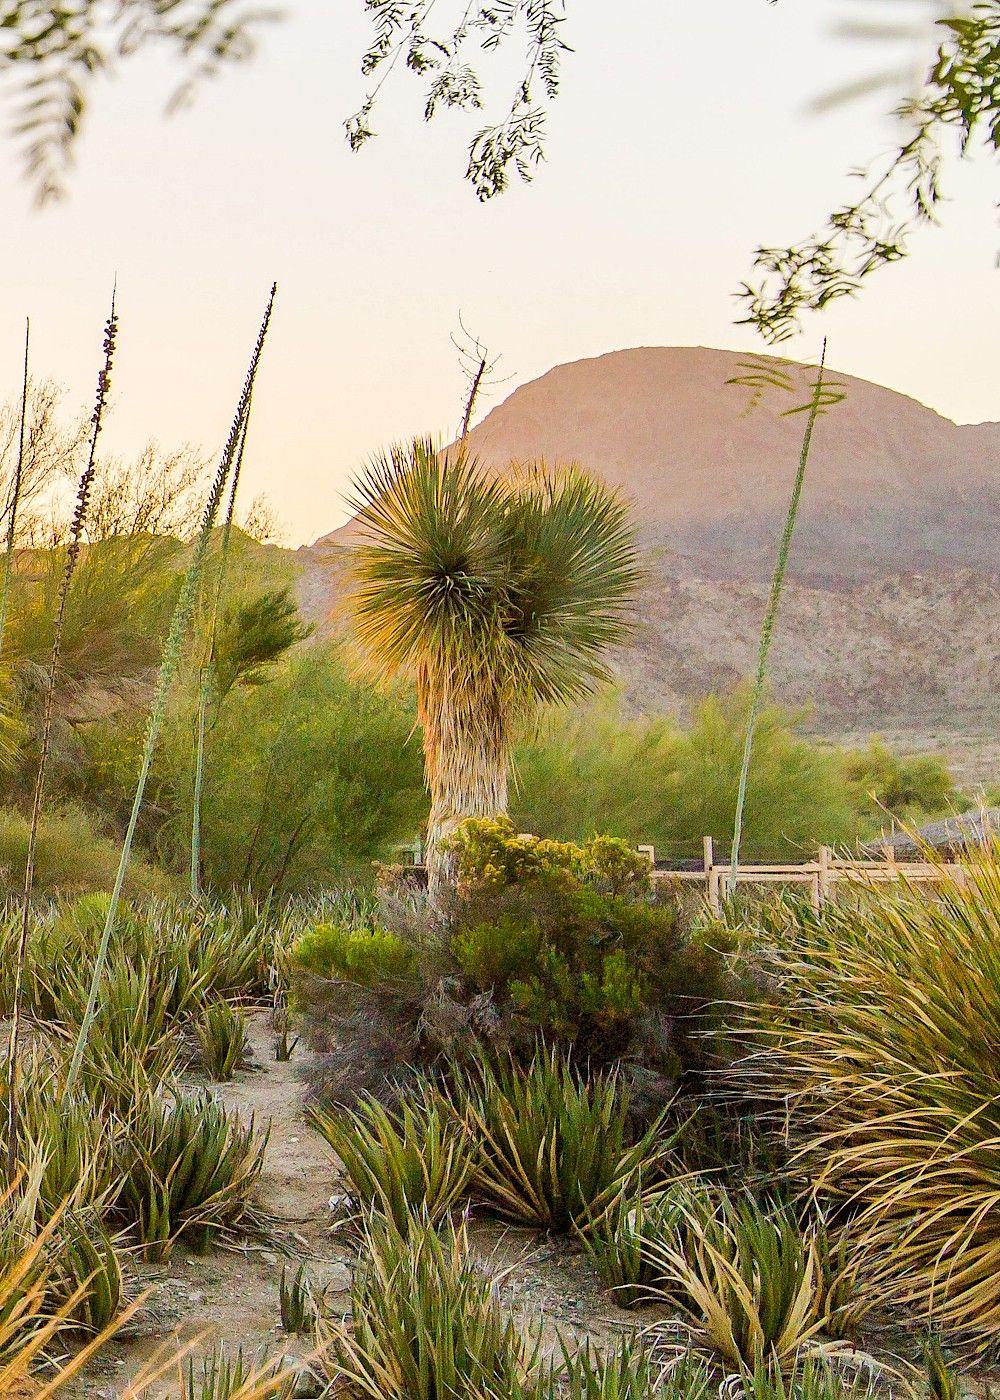 4f5be892d17398d0ce9cd0953b4bf717 - The Living Desert Zoo And Gardens Tickets